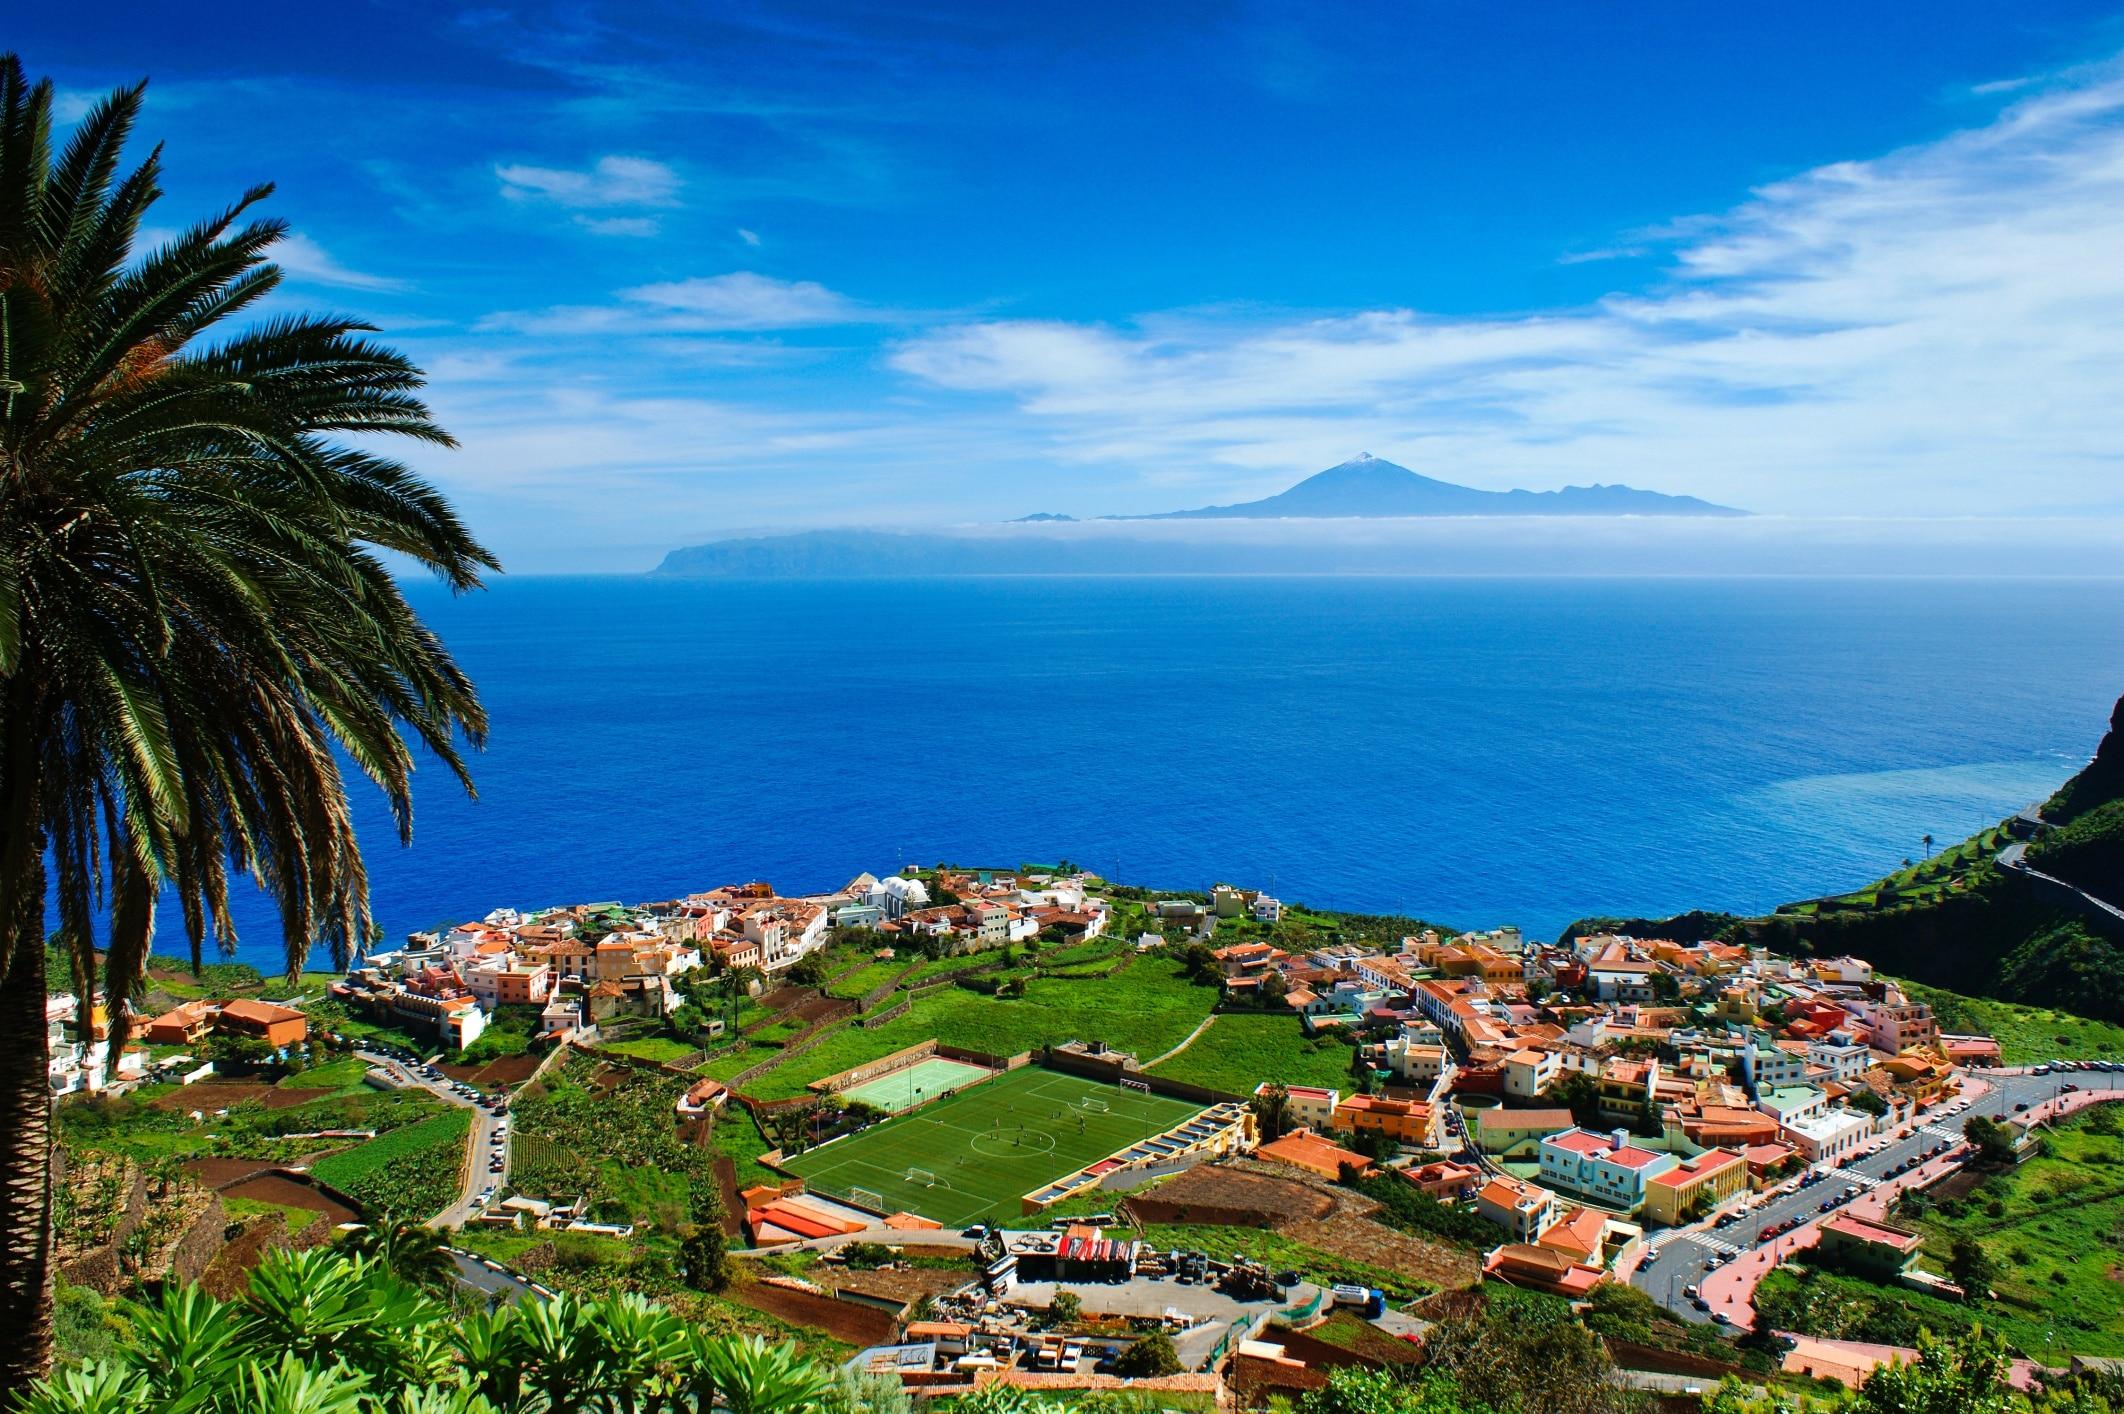 Agulo, Canarische Eilanden, Spanje